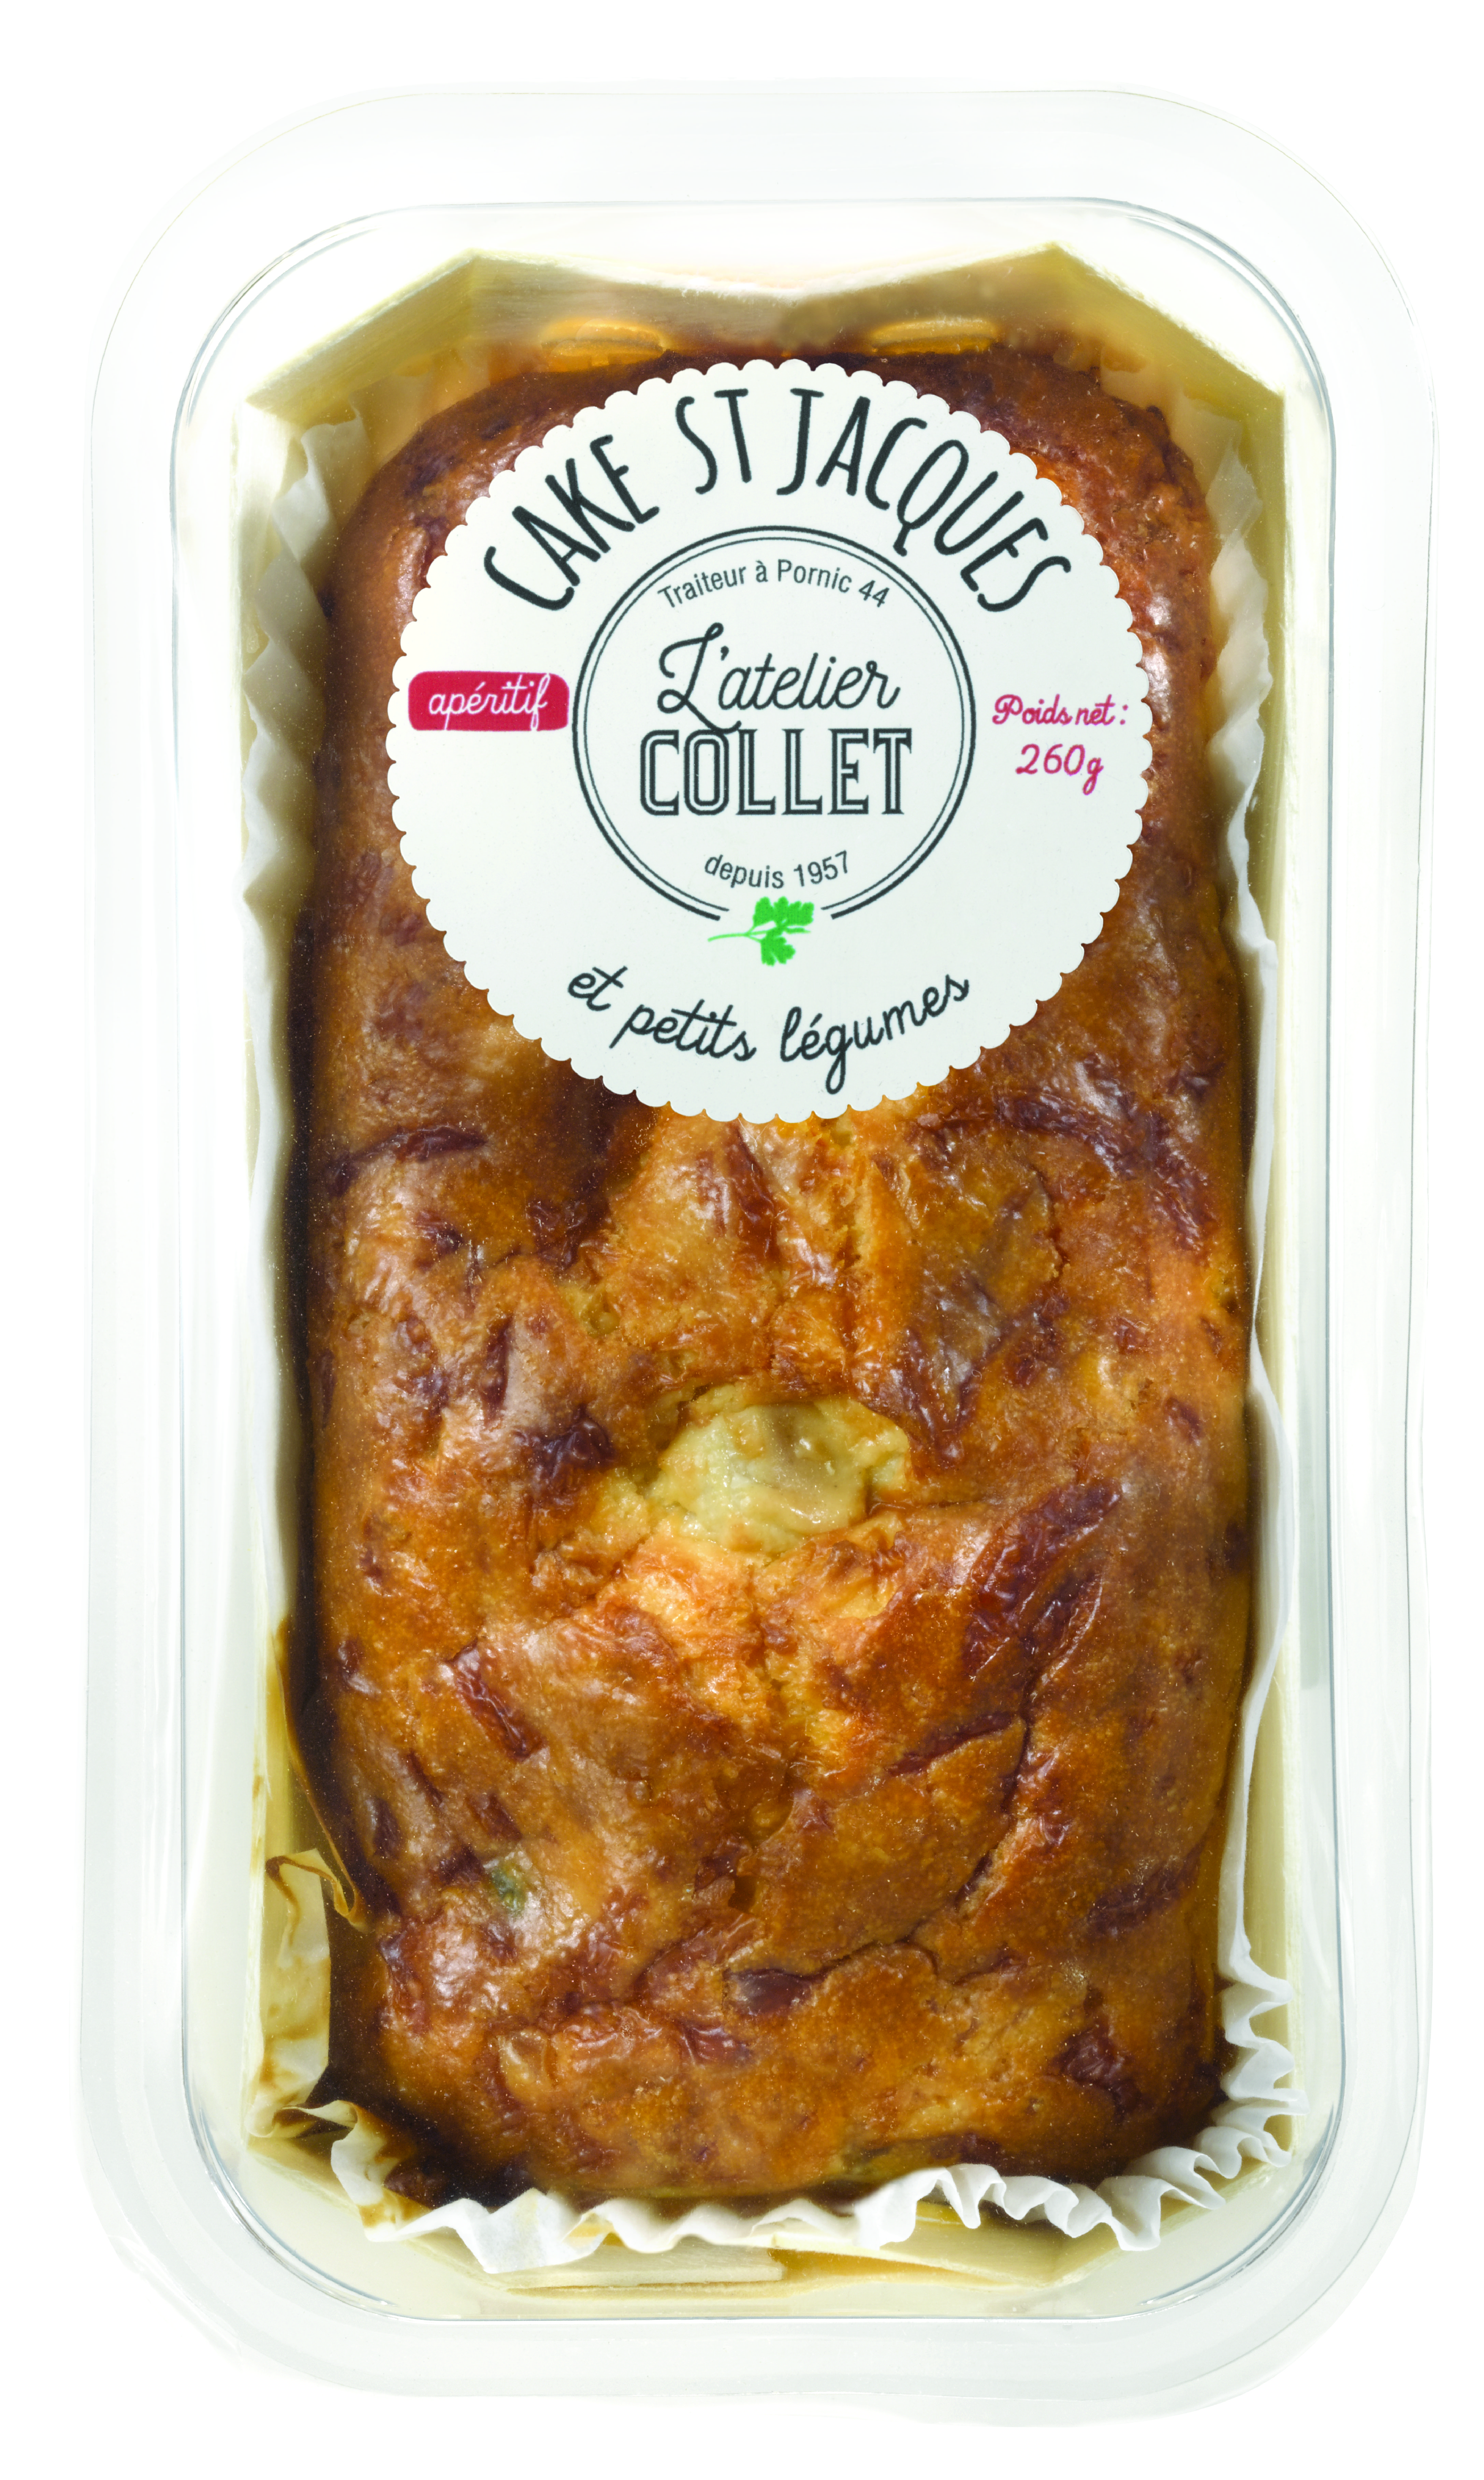 Cake St Jacques et petits légumes, Cake saumon et crevettes, L'atelier Collet (260 g)